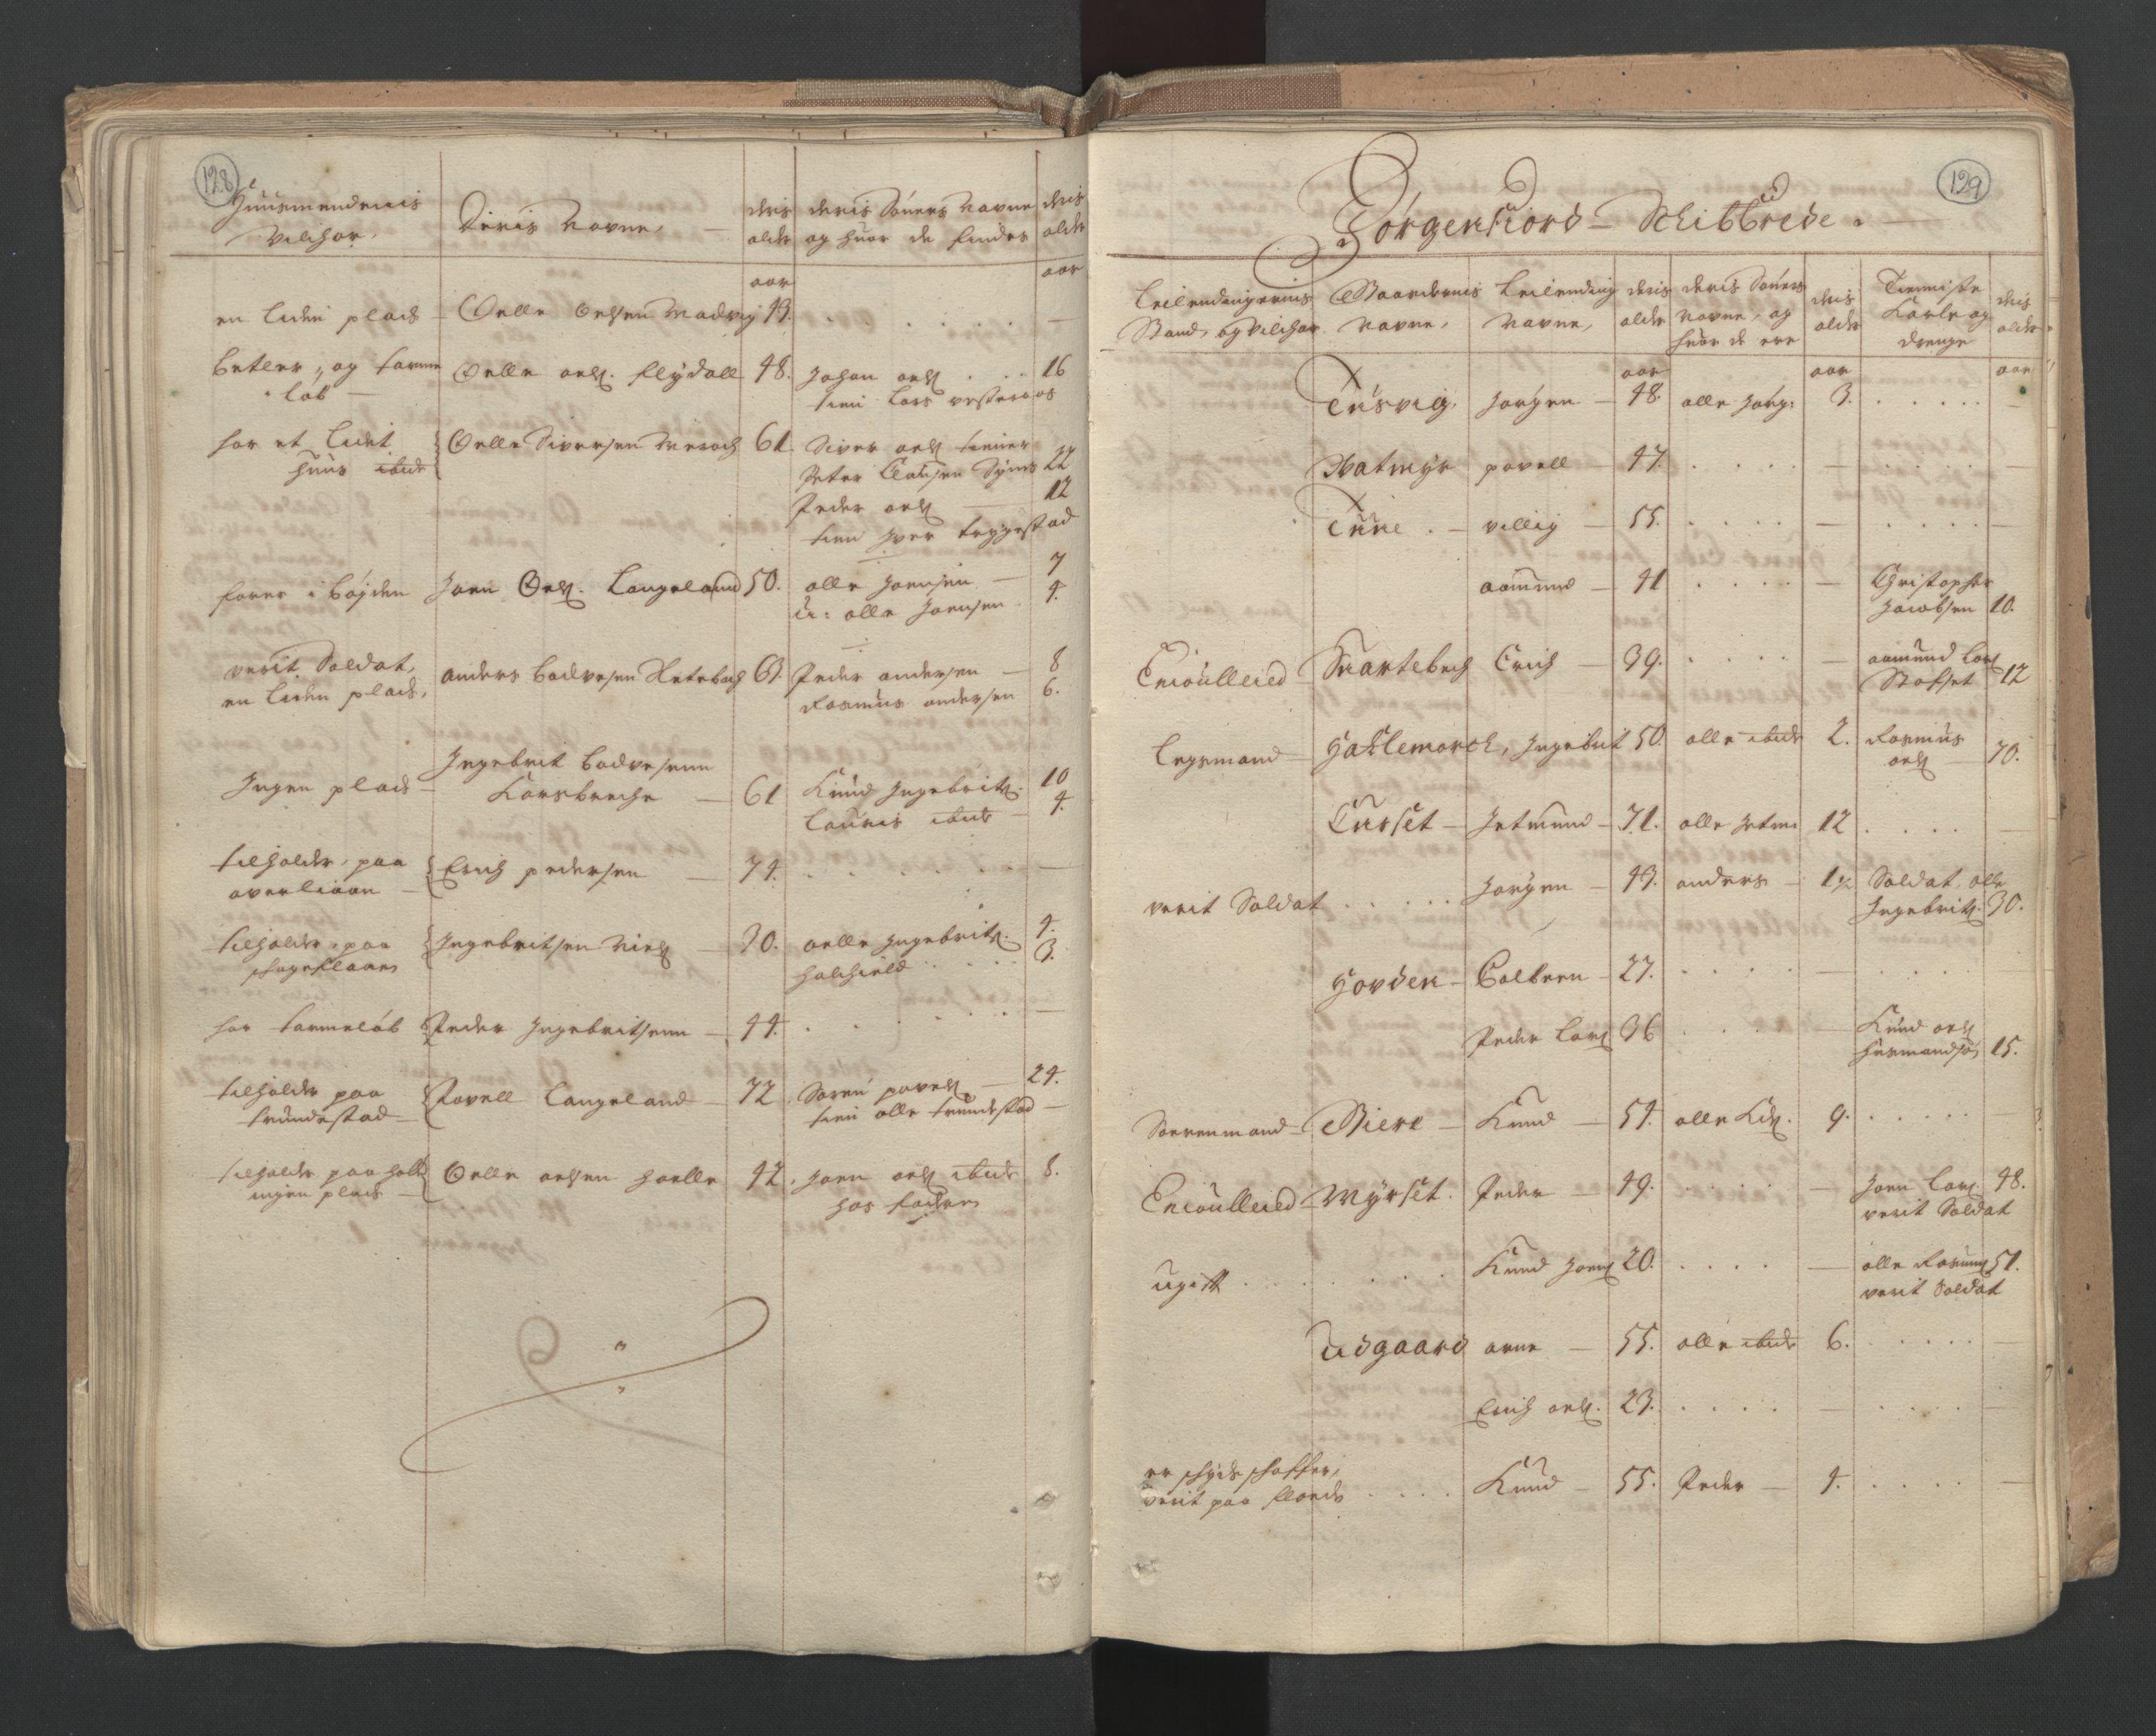 RA, Manntallet 1701, nr. 10: Sunnmøre fogderi, 1701, s. 128-129